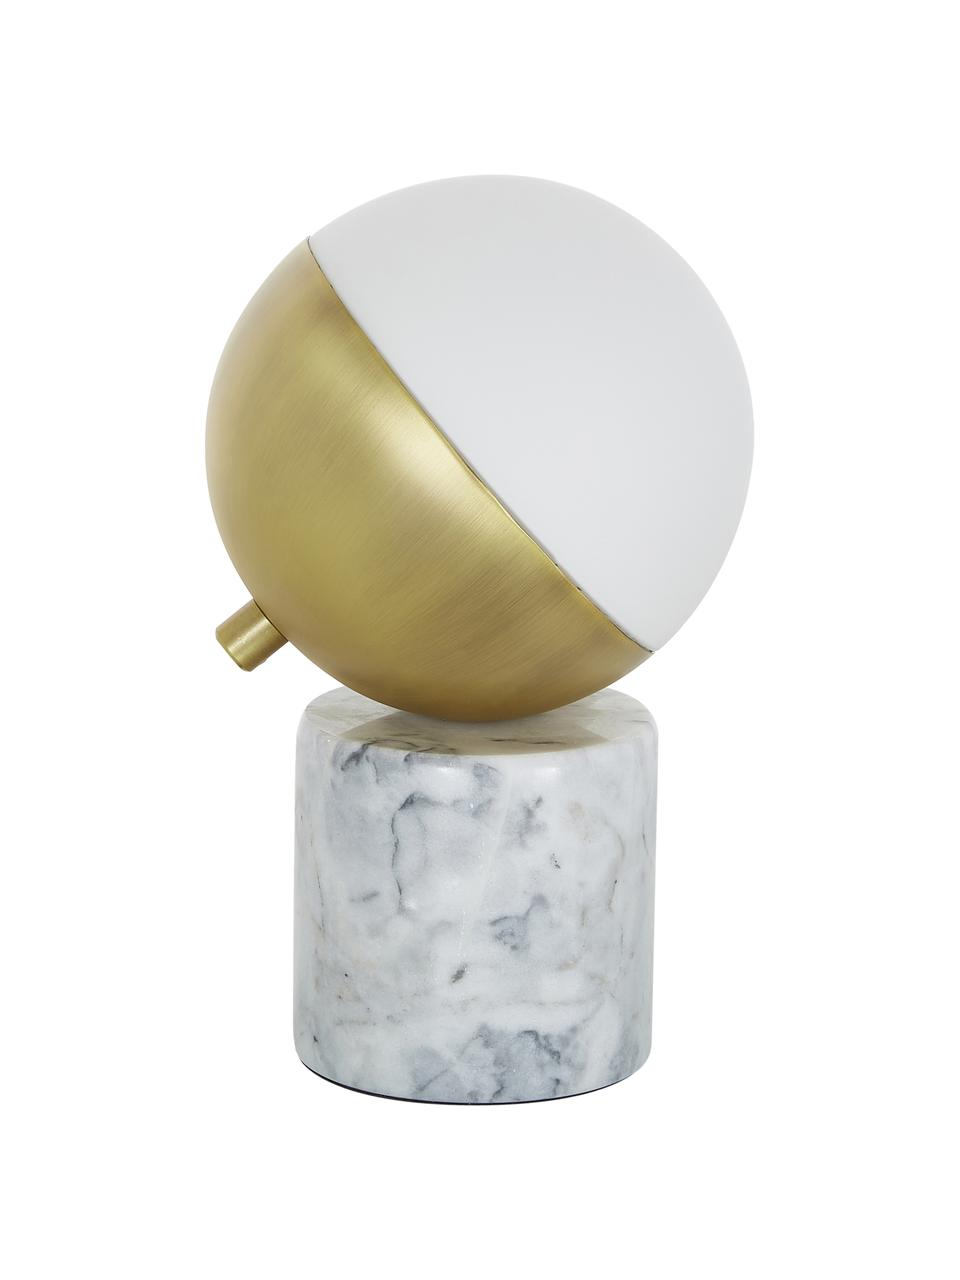 Lampe à poser en marbre Svea, Pied de lampe: marbre blanc Abat-jour: blanc, couleur dorée, mat Câble: noir